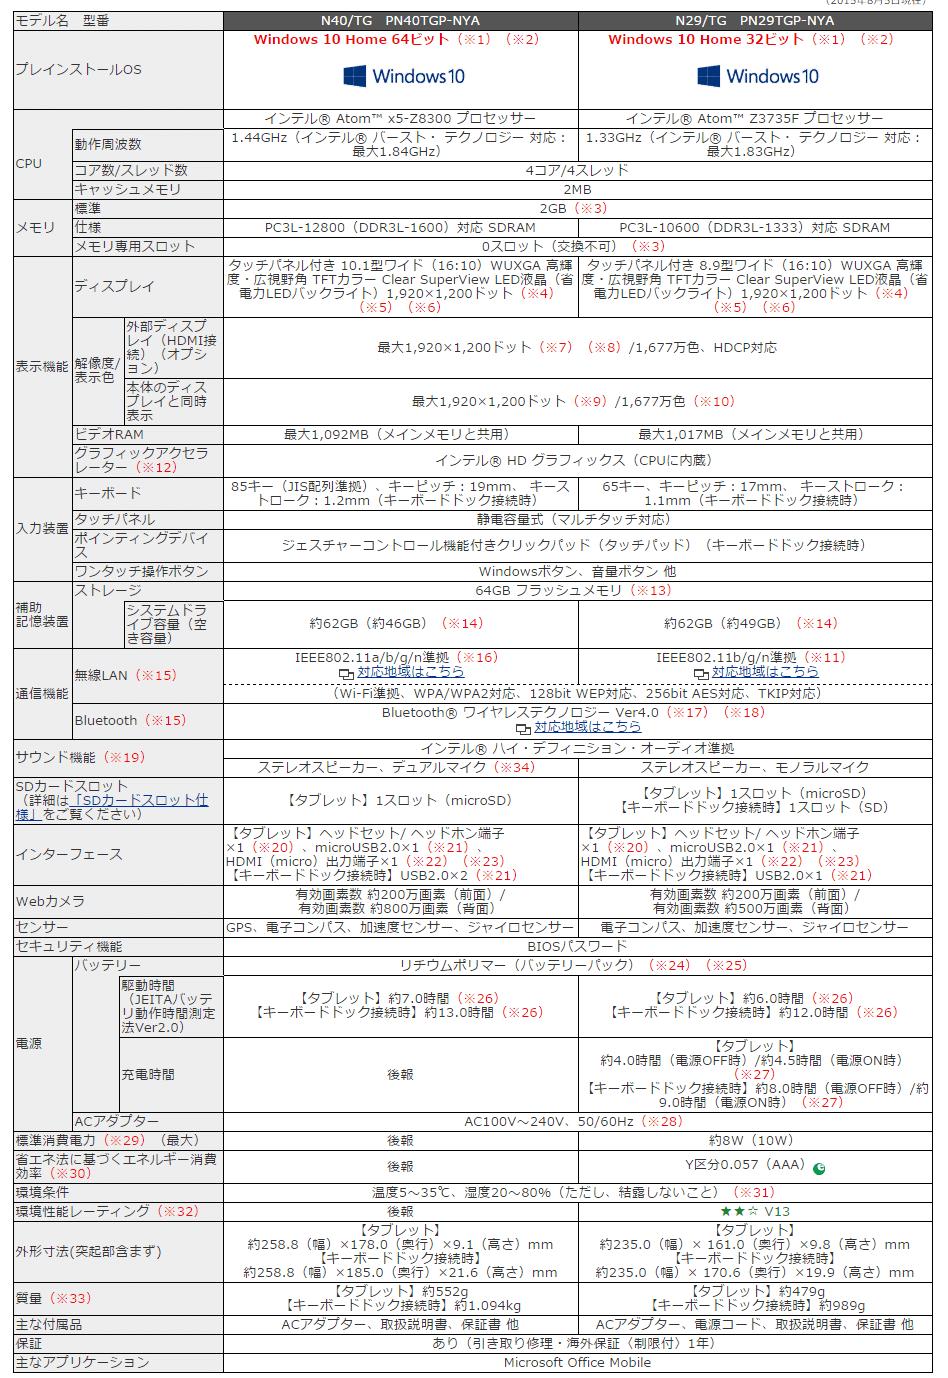 TOSHIBA dynabook N40/N29 スペック表